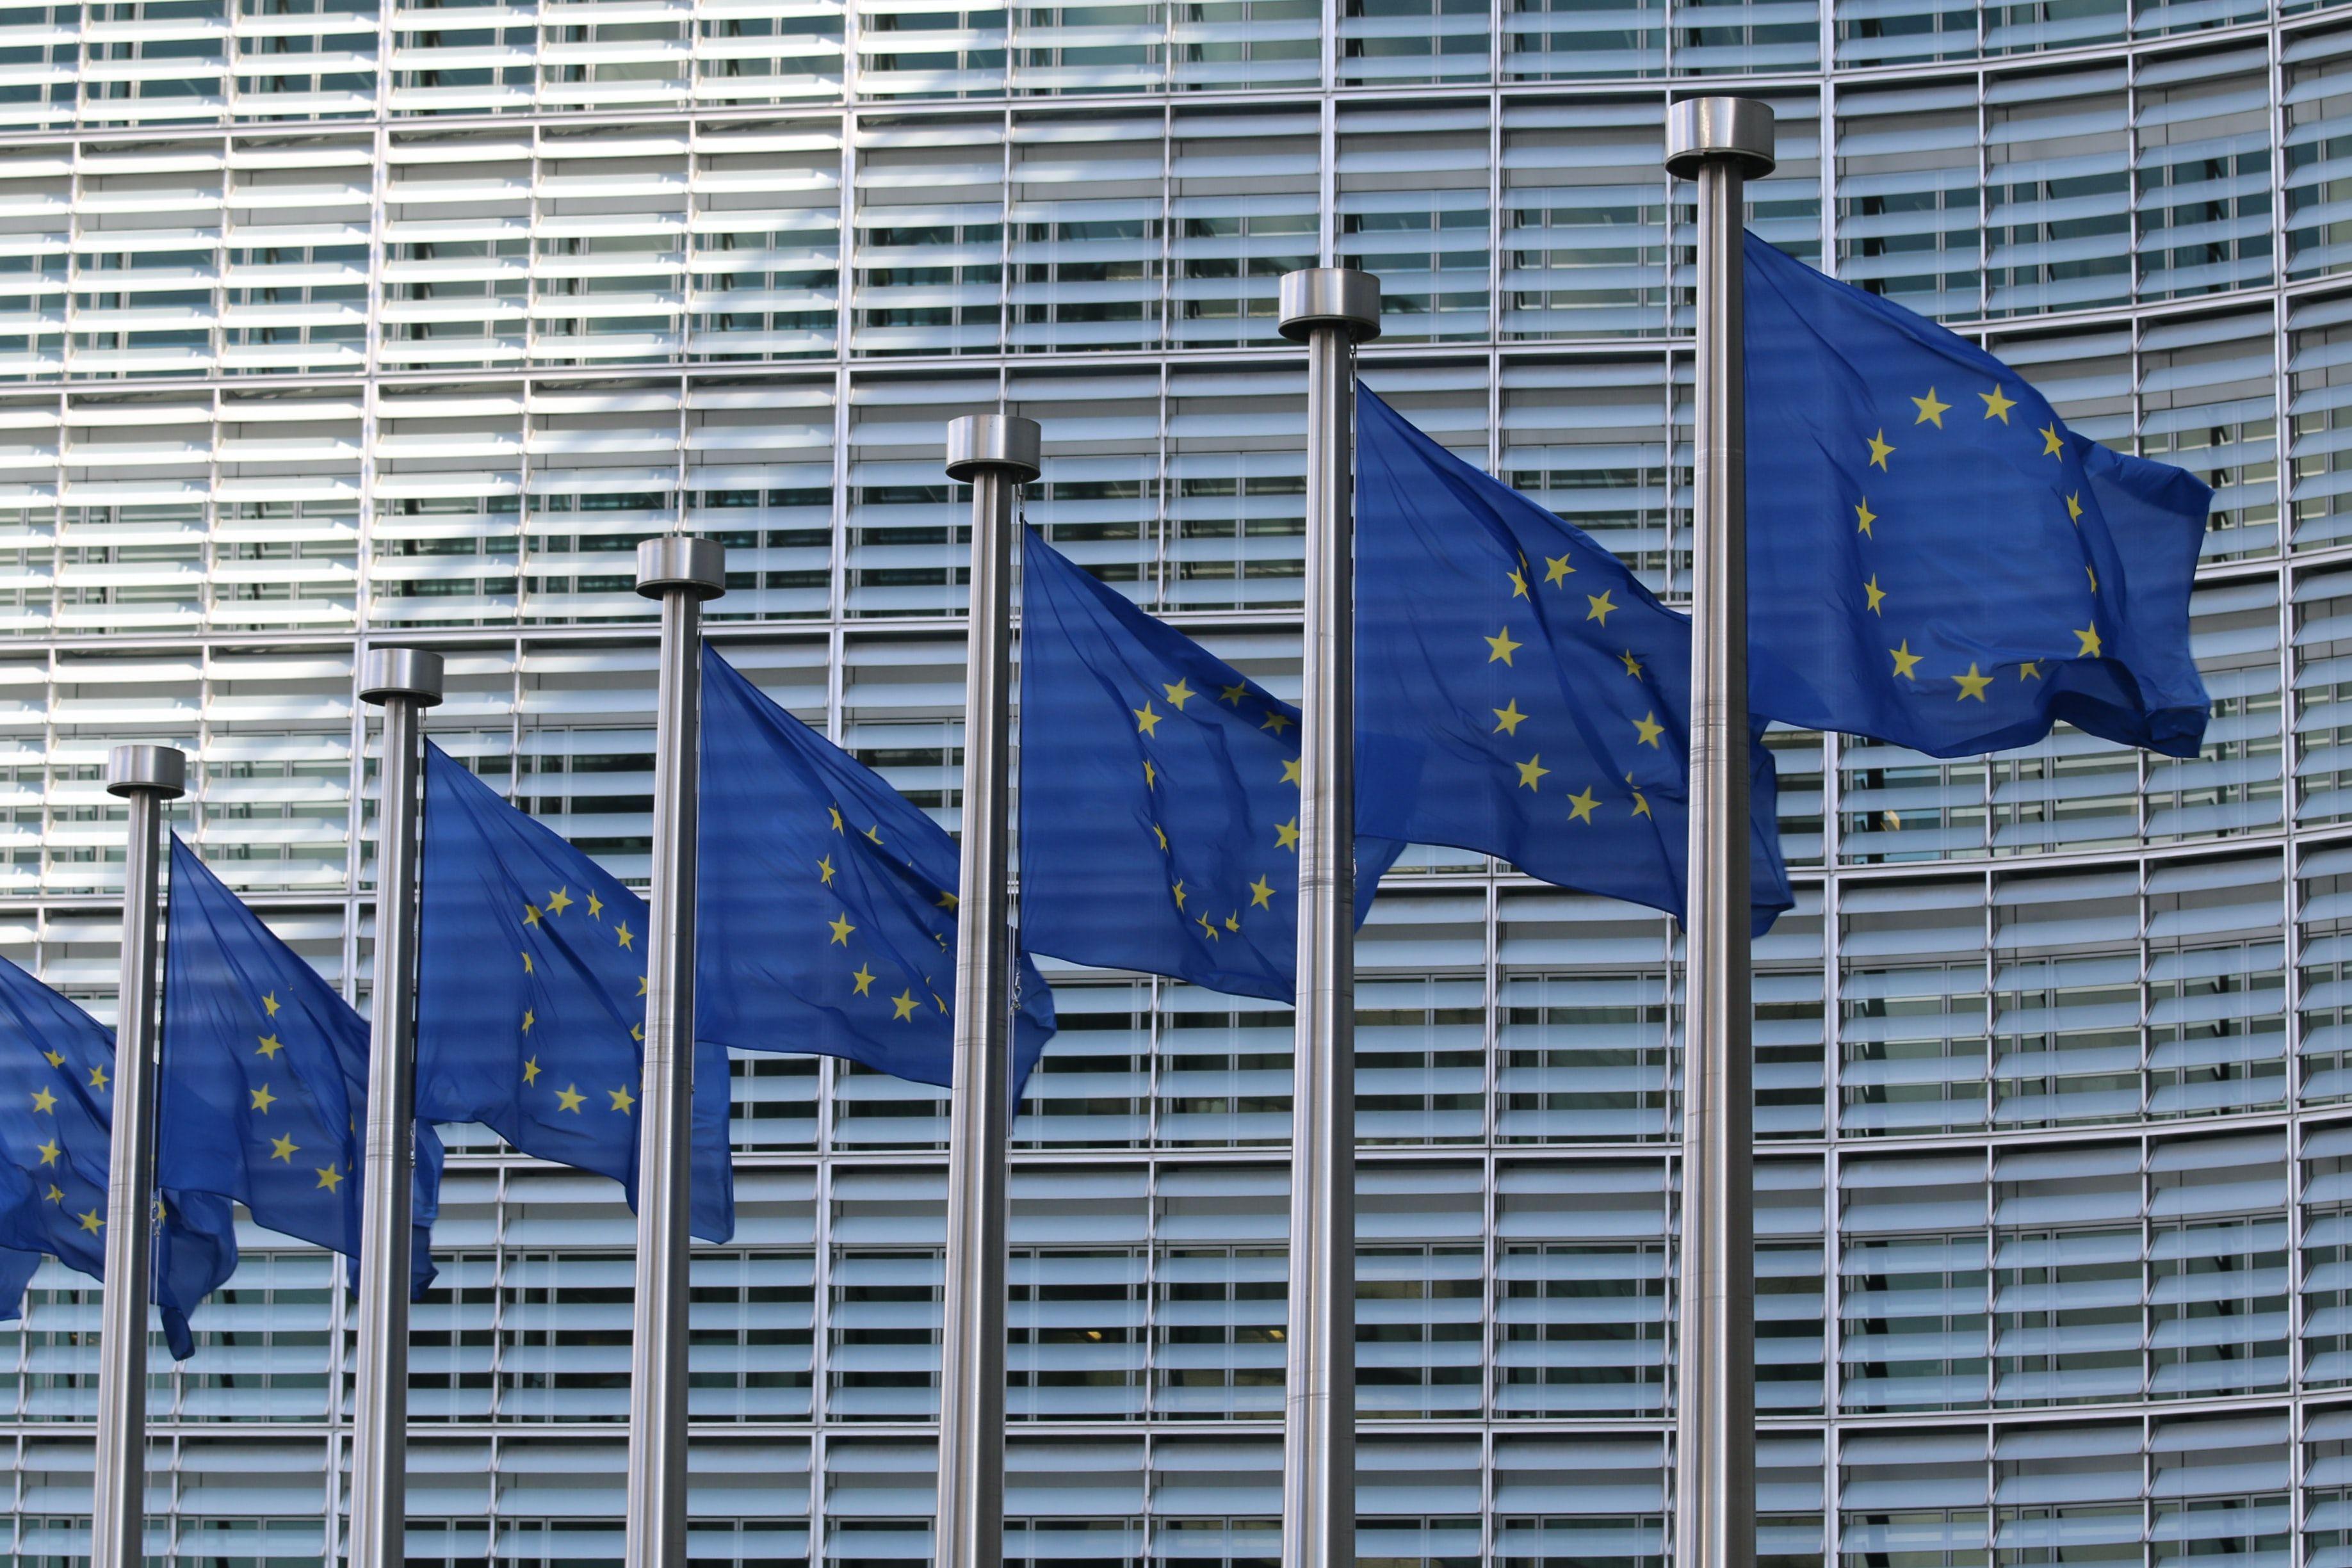 Poland/Hungary & EU Budget Struggles